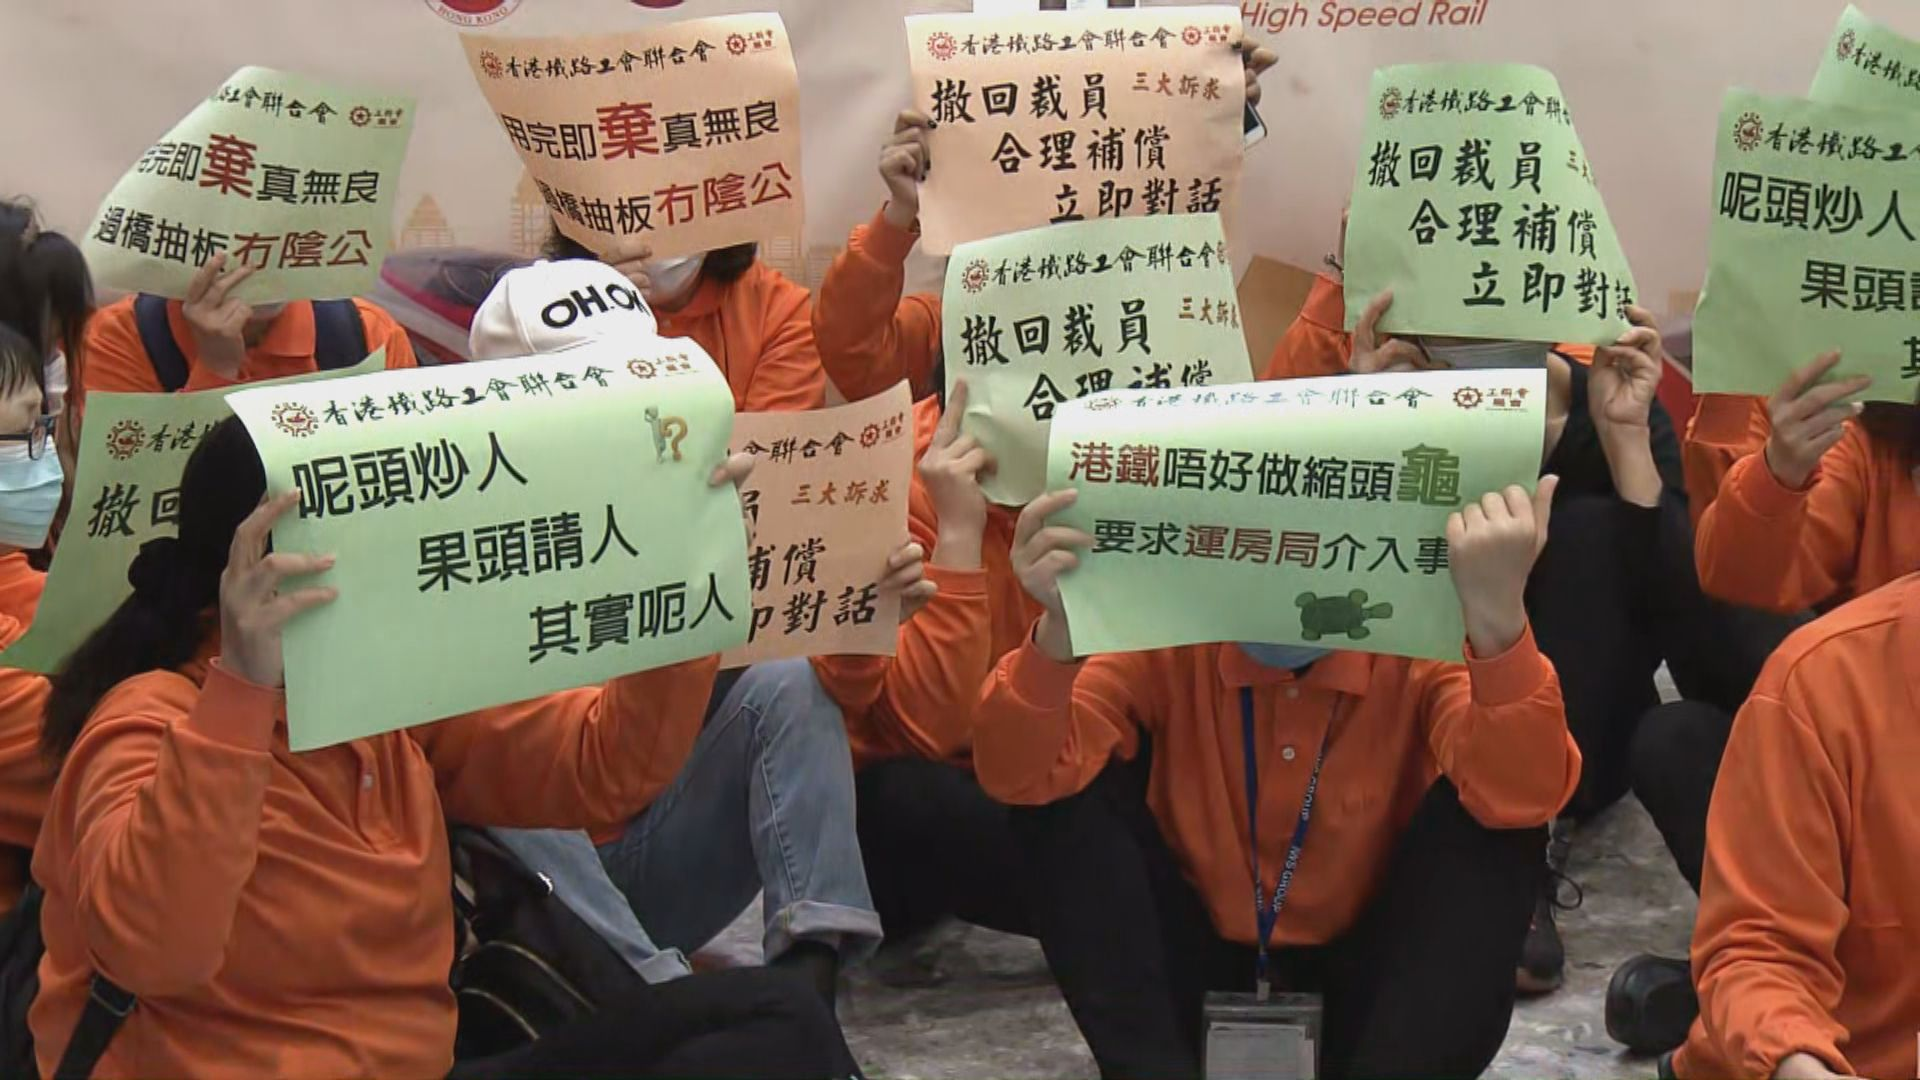 多名高鐵外判員工遭解僱到西九龍站示威